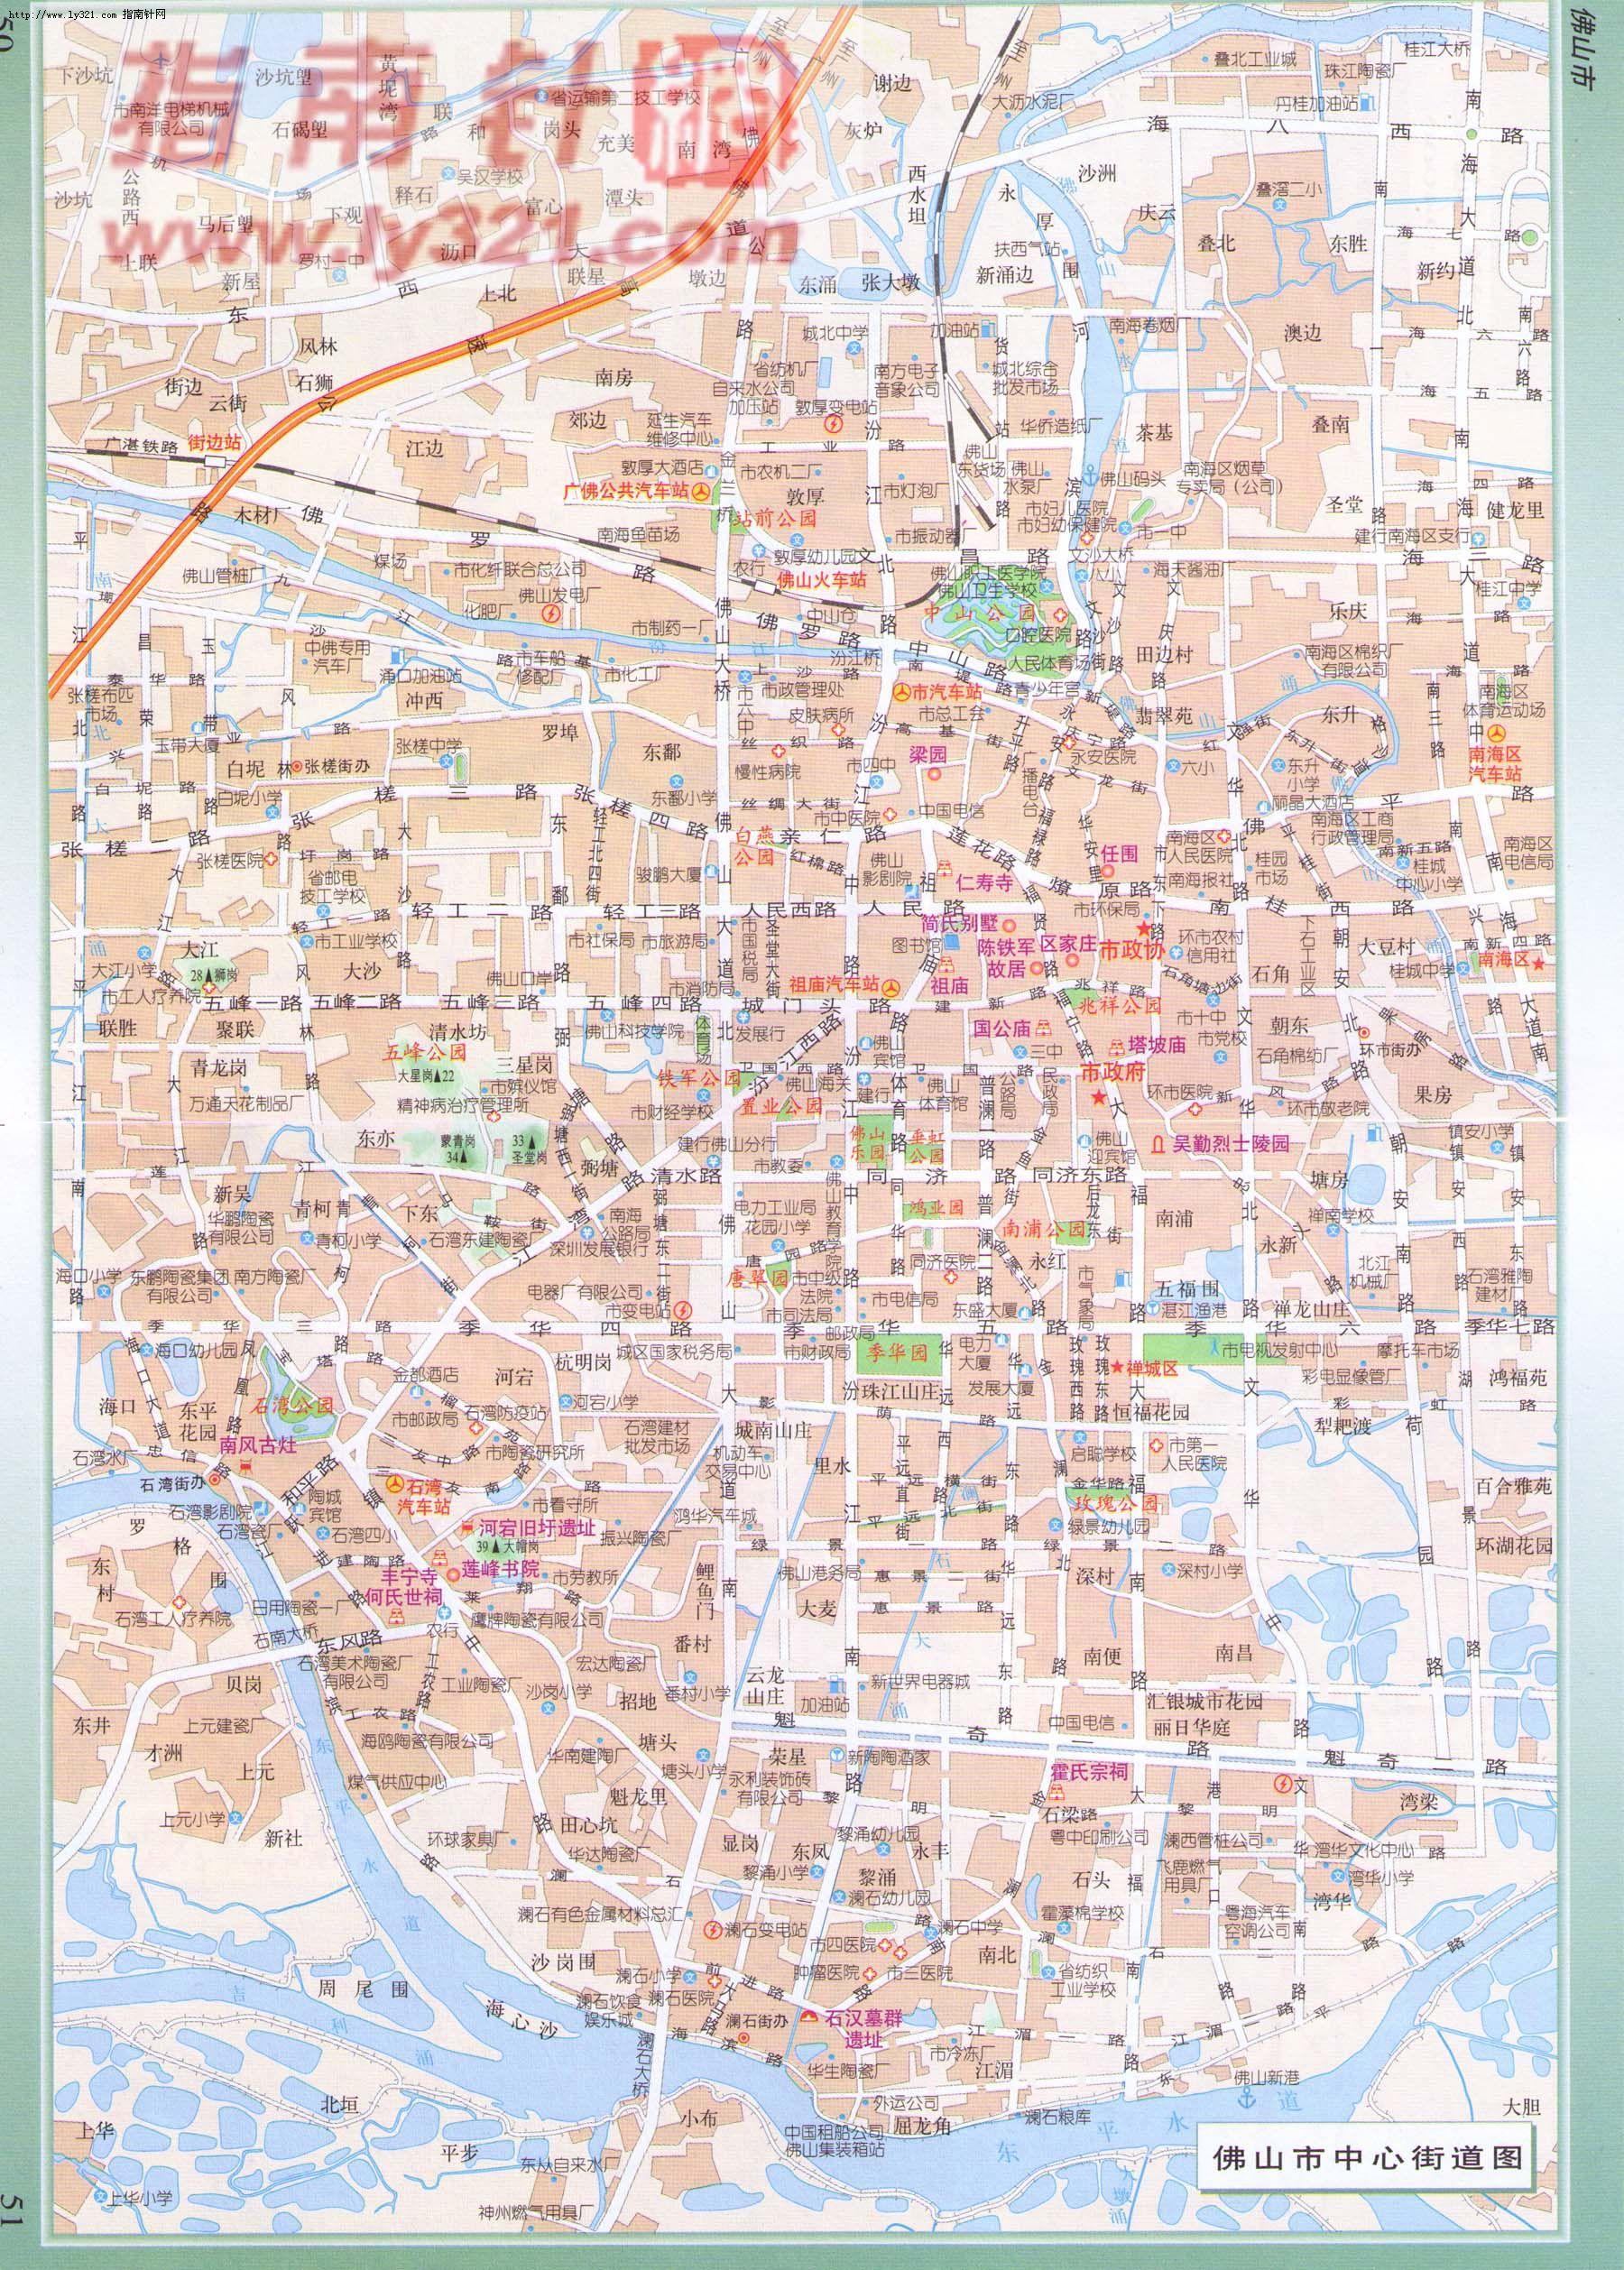 广东省佛山市中心街道地图